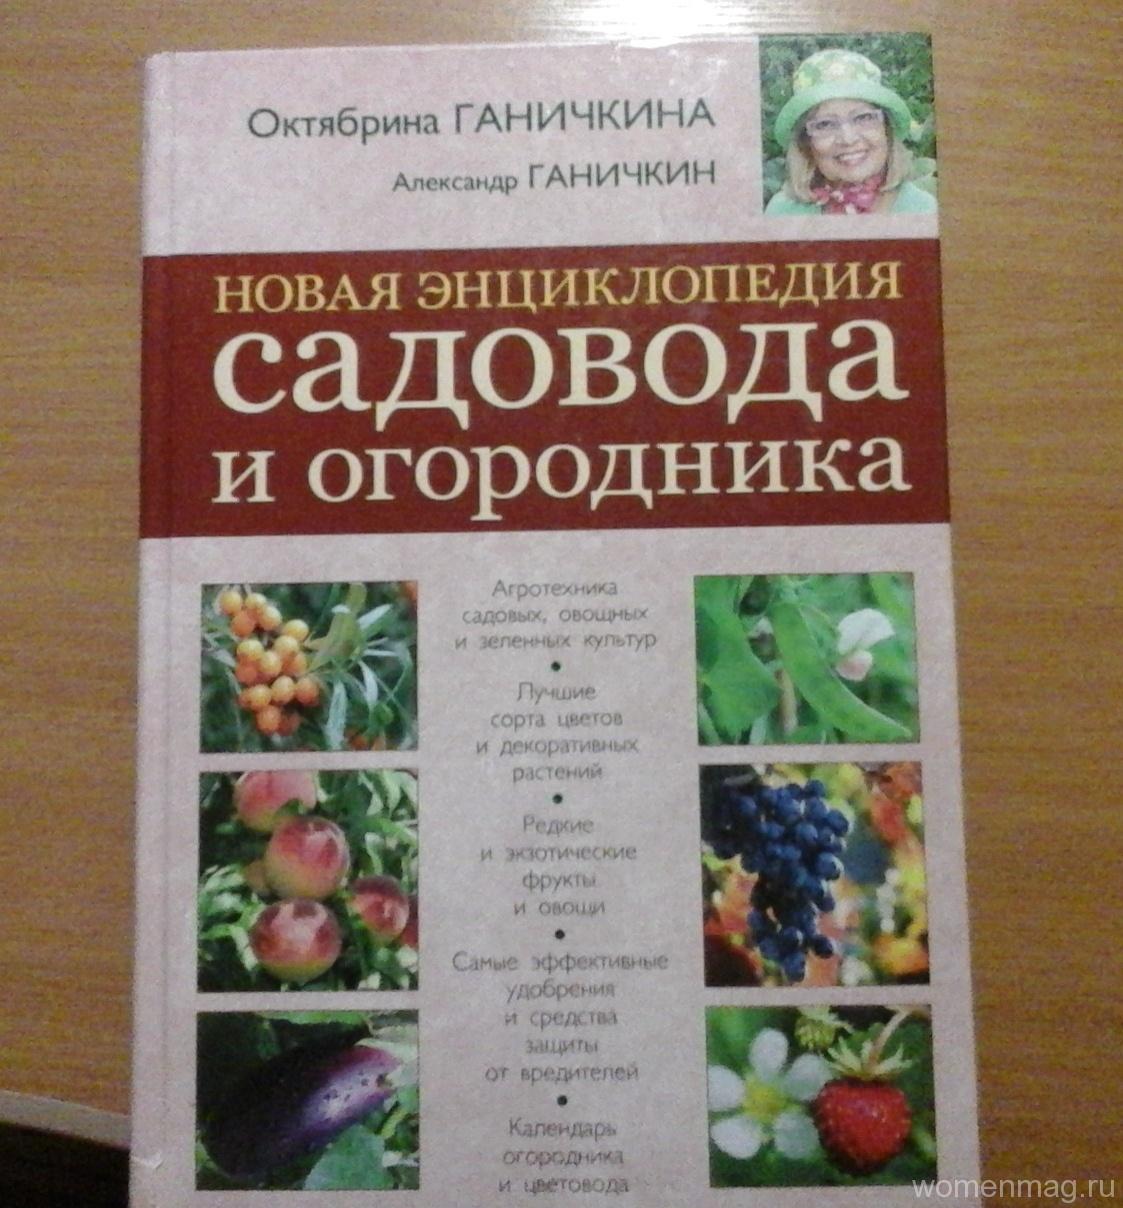 О книге Октябрины Ганичкиной «Новая энциклопедия садовода и огородника»